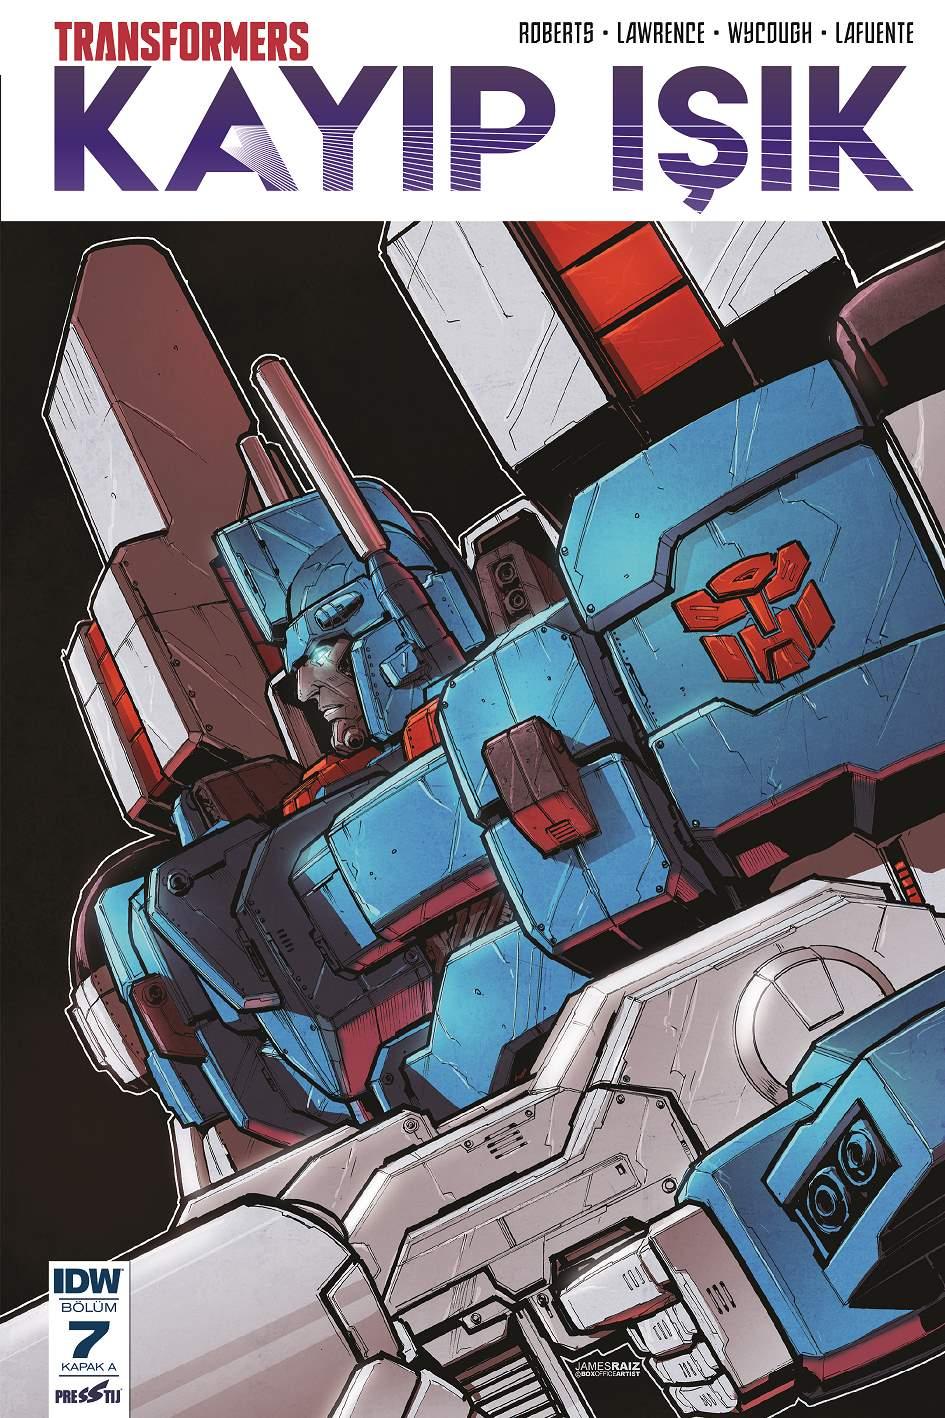 Transformers Kayıp ışık Bölüm 7 (Kapak A)